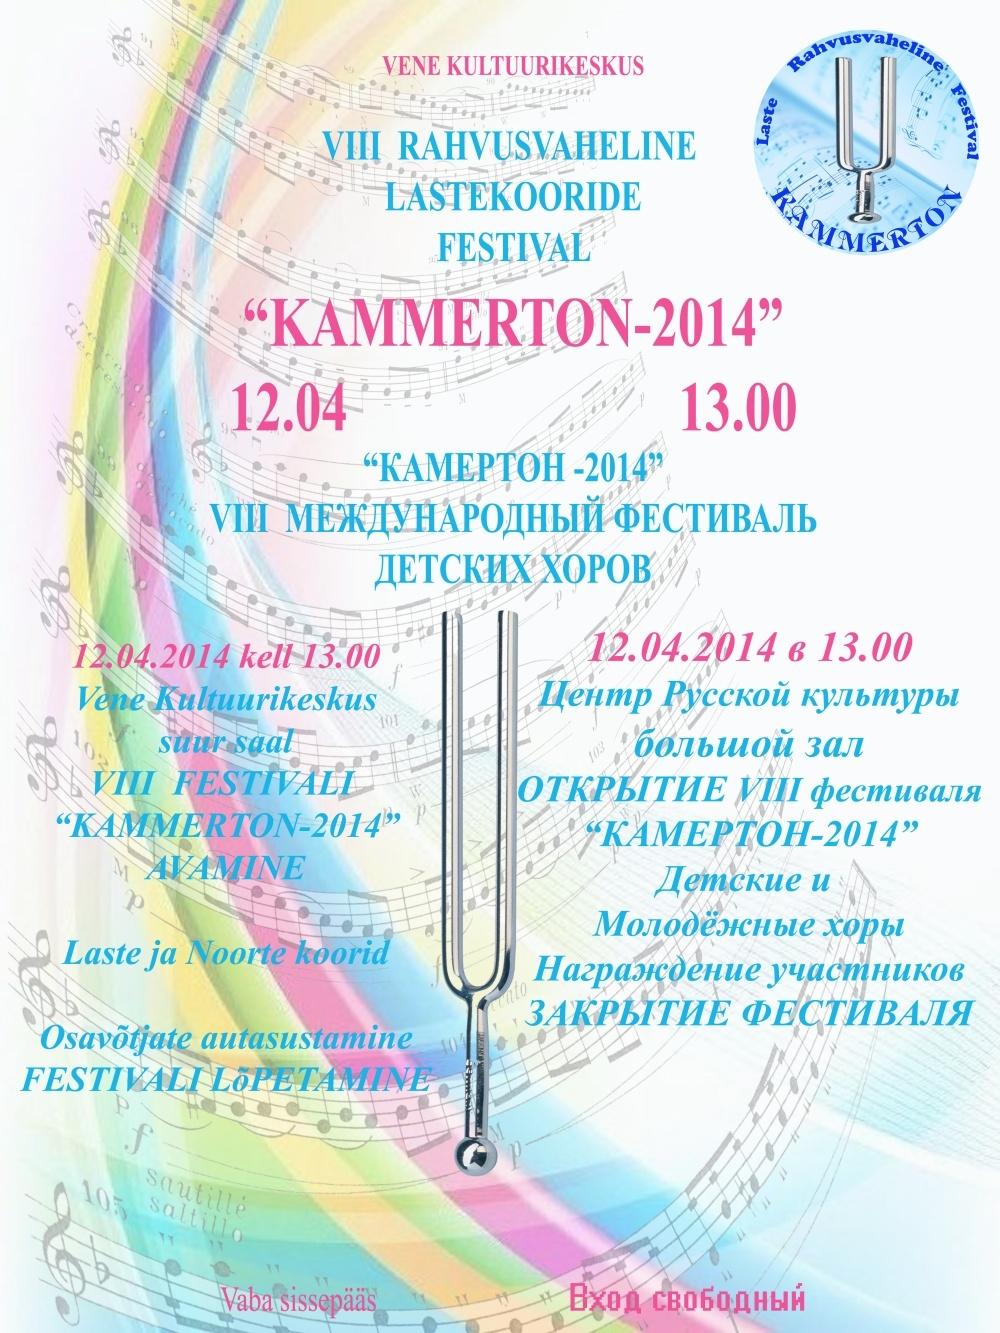 Kammerton 2014